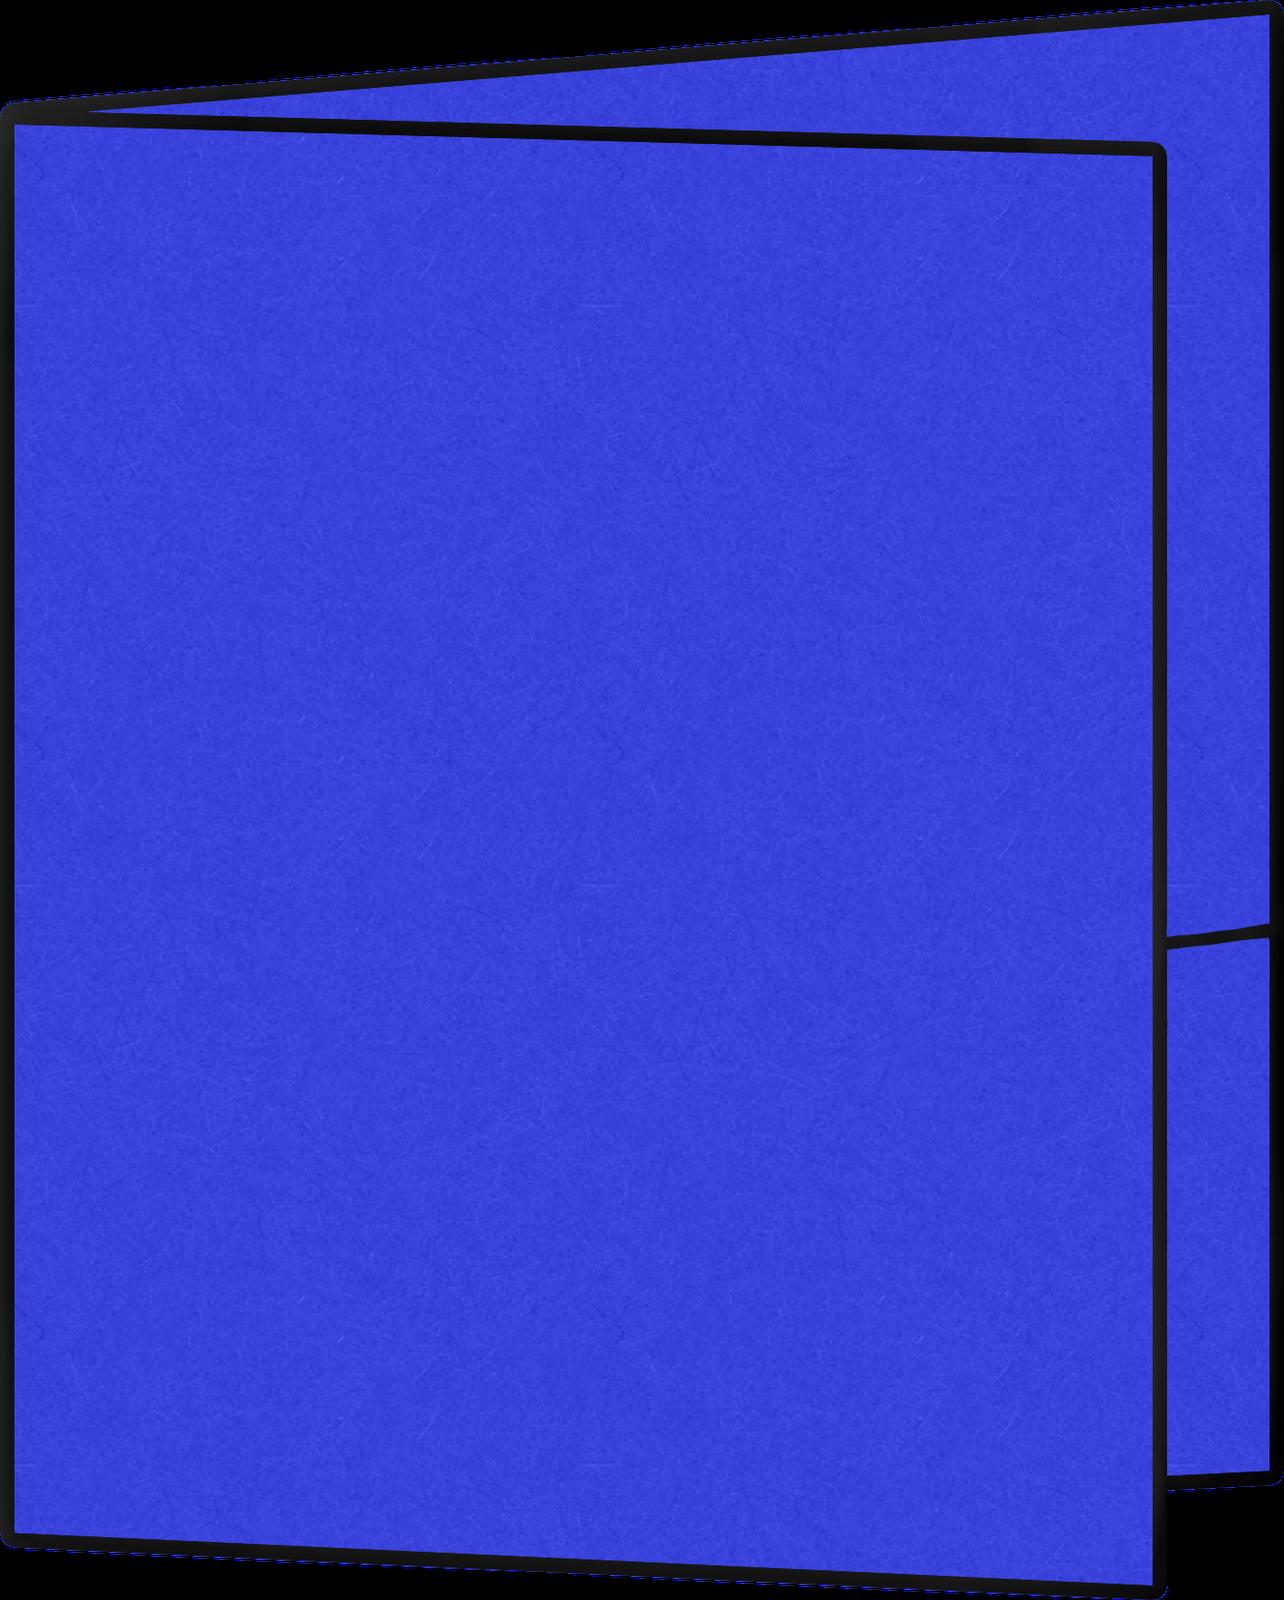 Folder clipart clip art freeuse stock 49+ Folder Clipart | ClipartLook clip art freeuse stock